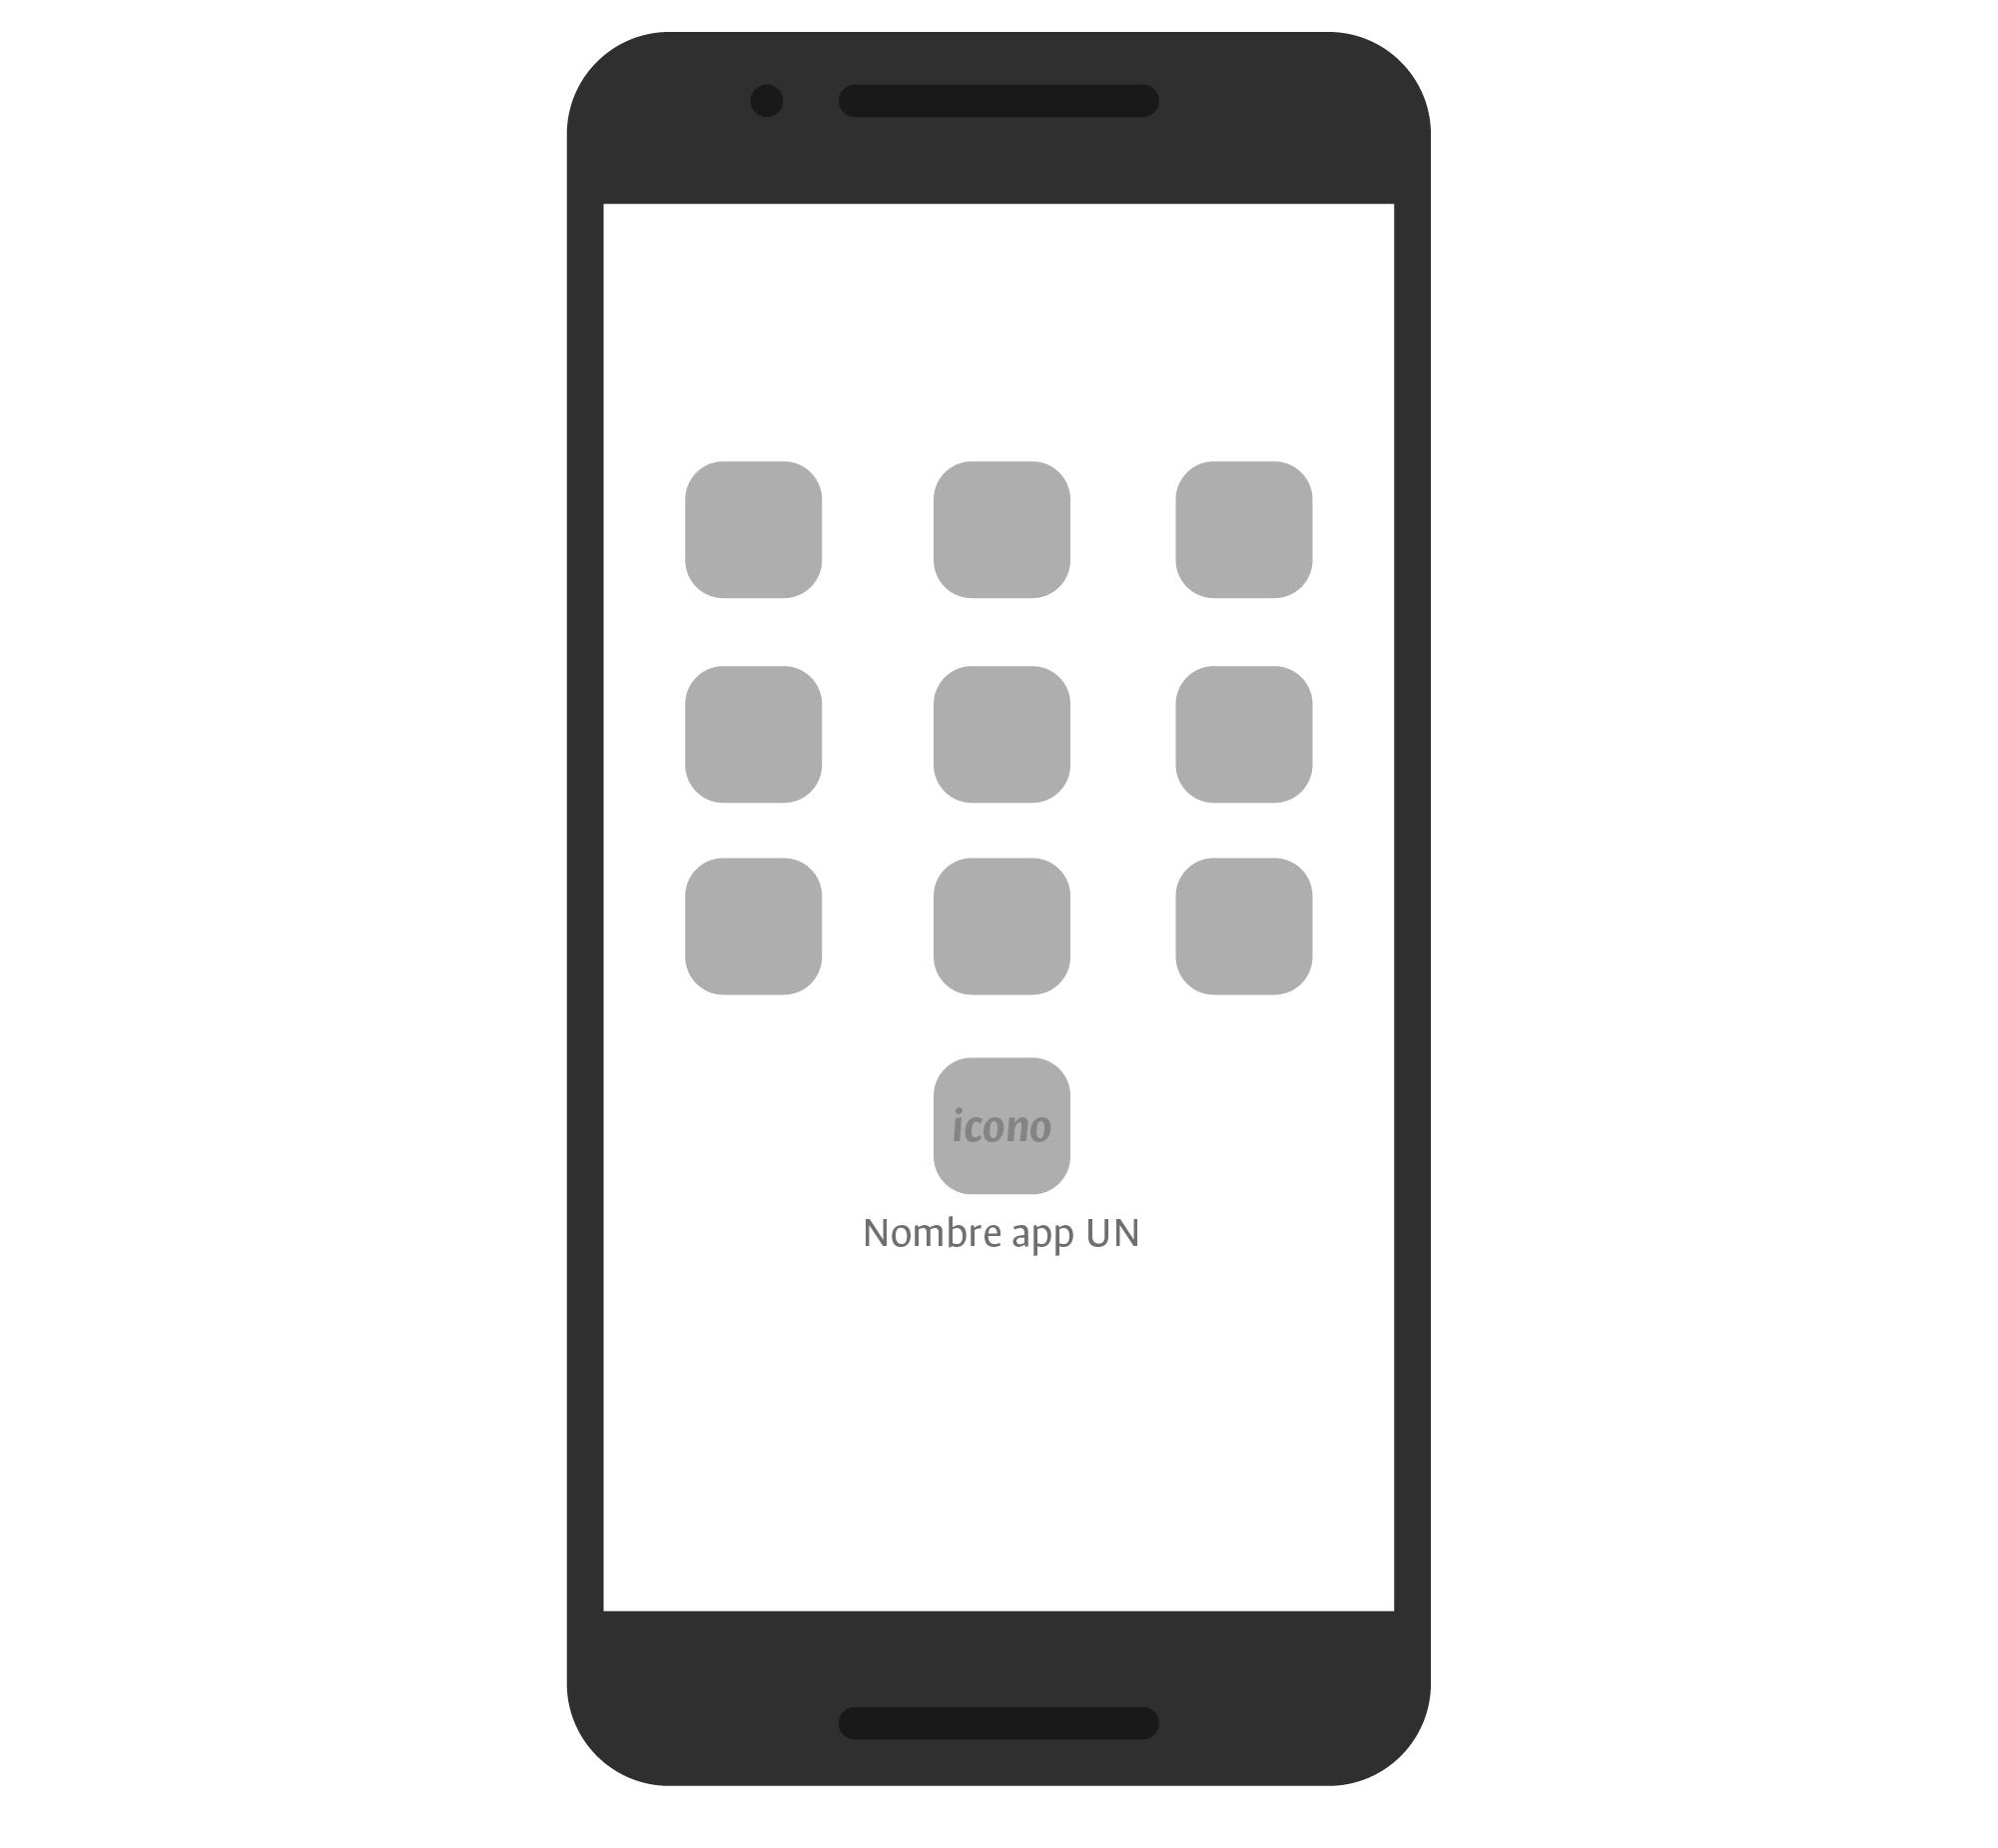 Manejo del nombre de la app con el UN en el icono